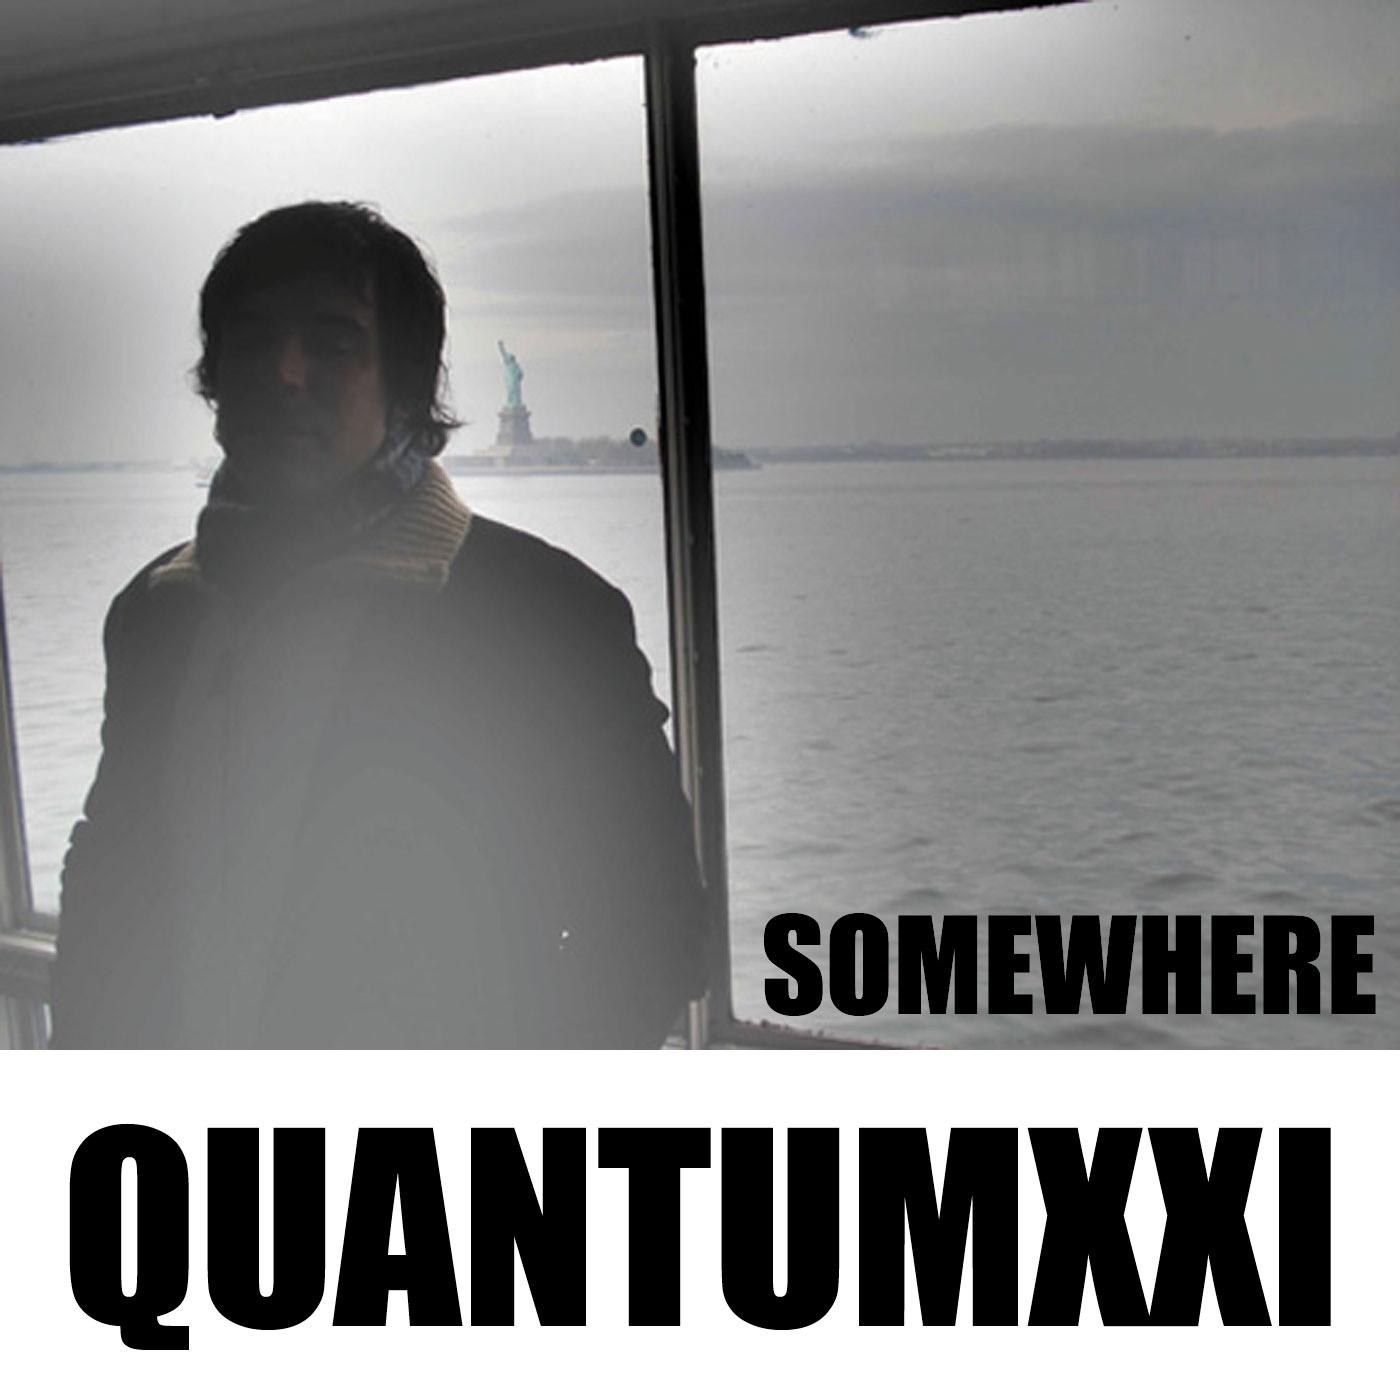 Quantumxxi